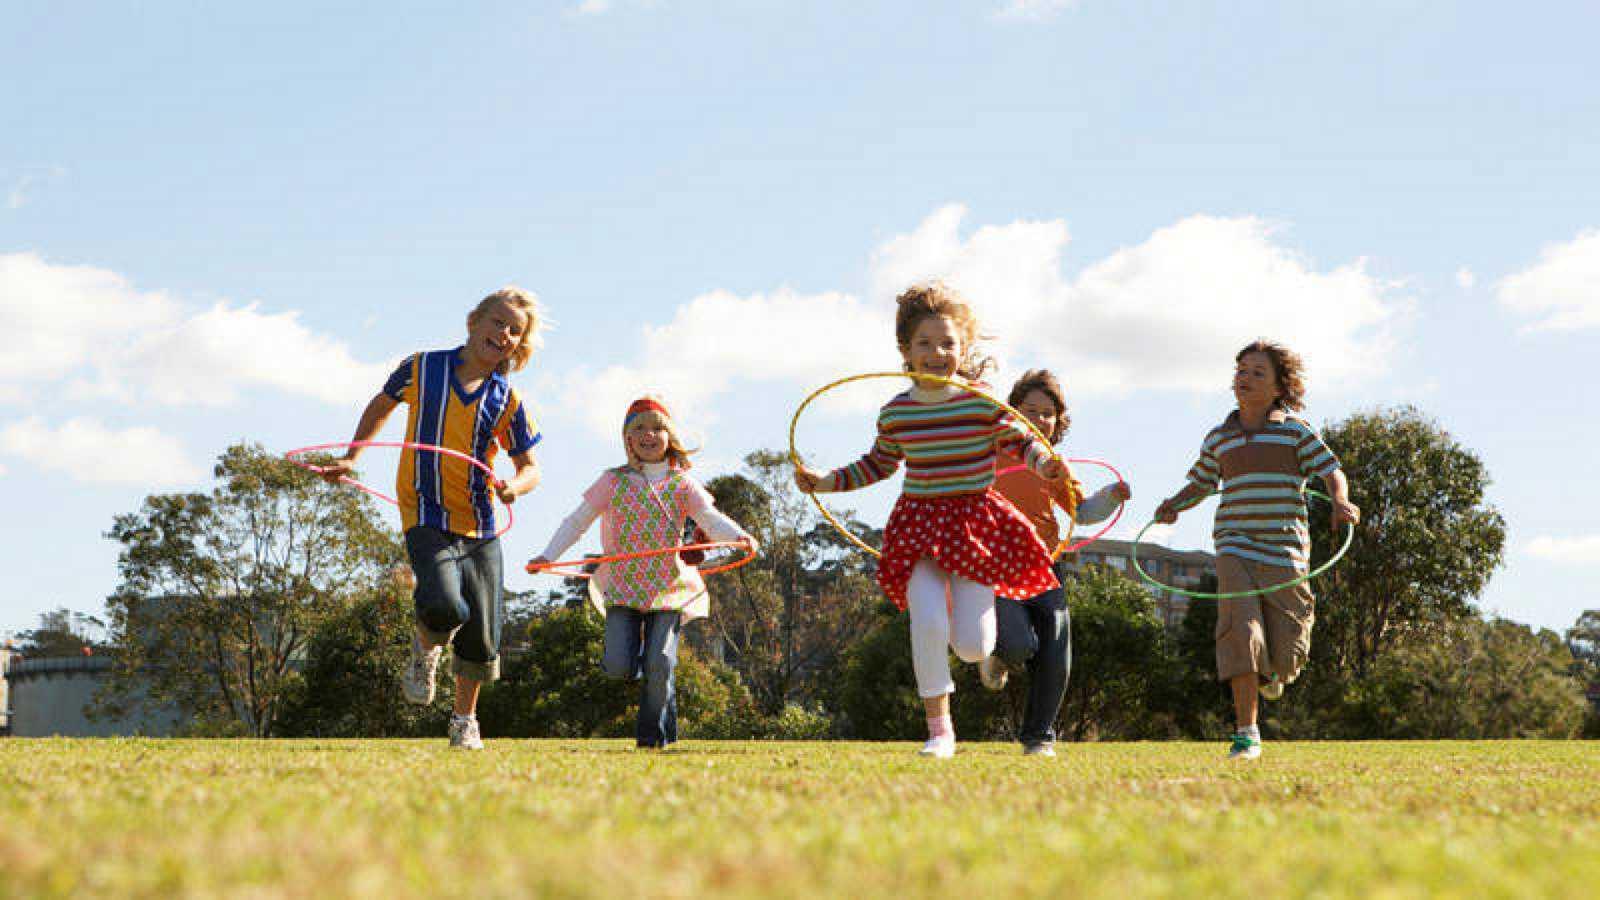 Mamás y papas - Mindfulness: aquí y ahora, en familia - 11/10/20 - Escuchar ahora